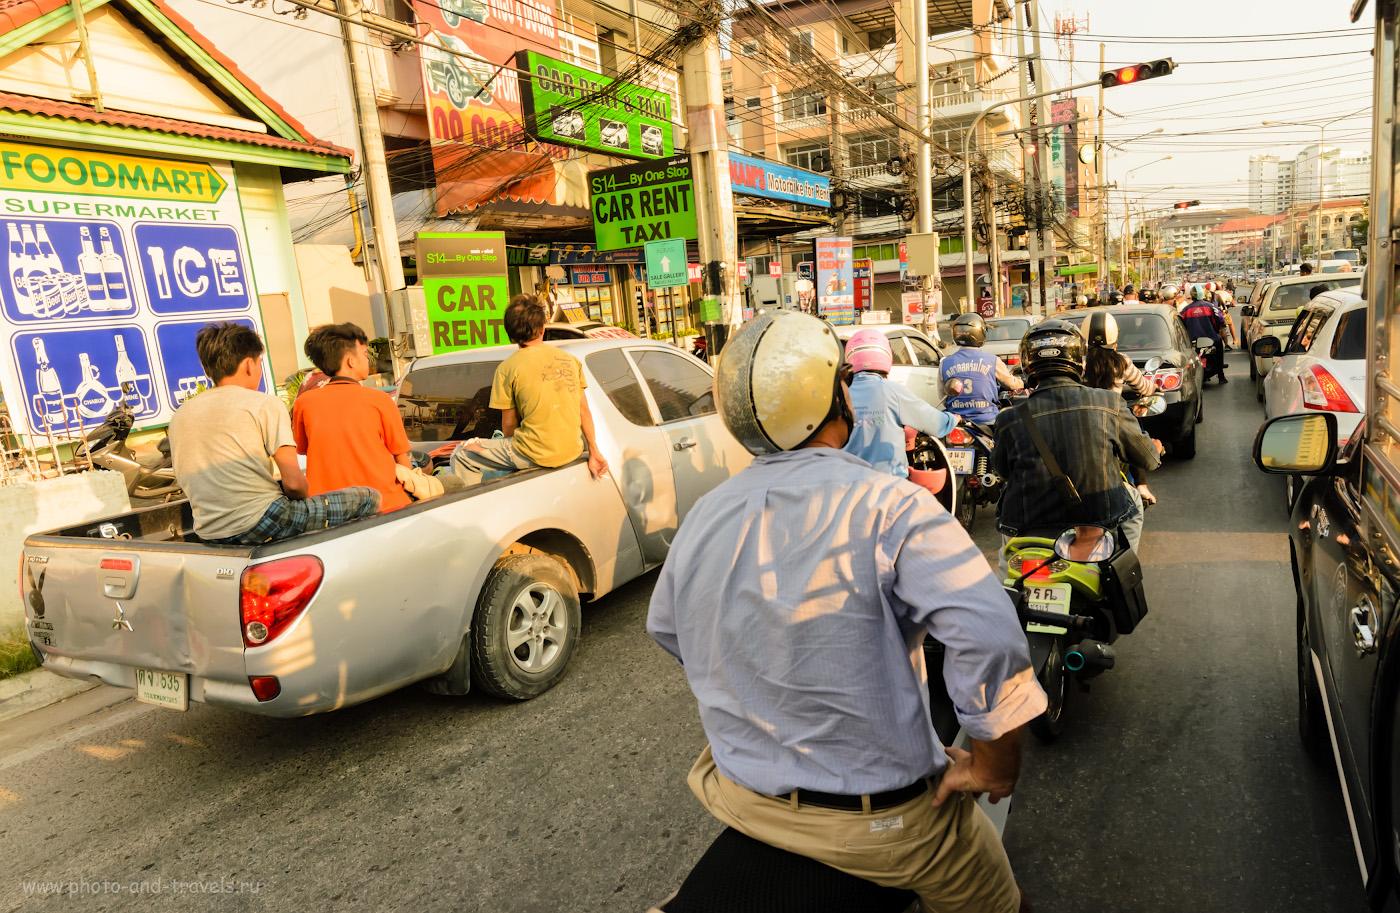 24. На улицах Паттайи в час пик. Снято изнутри тук-тука. Советы туристам, как добраться до пирса Бали Хай на общественном транспорте. В=1/320 сек, А, f/9, 14 мм, 400